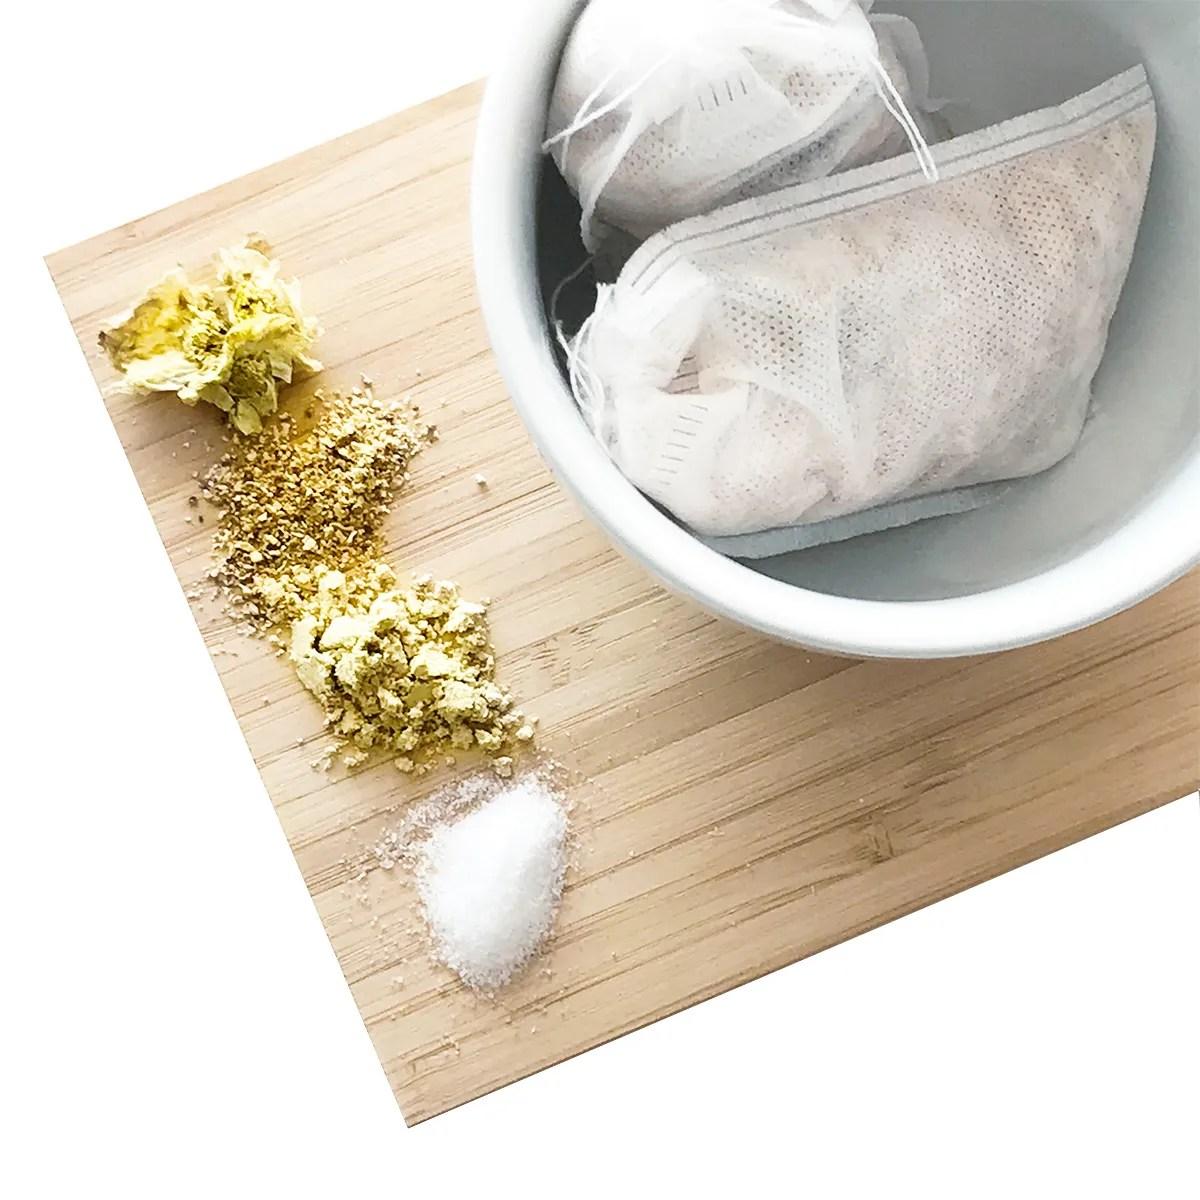 chrysanthemum bath tea